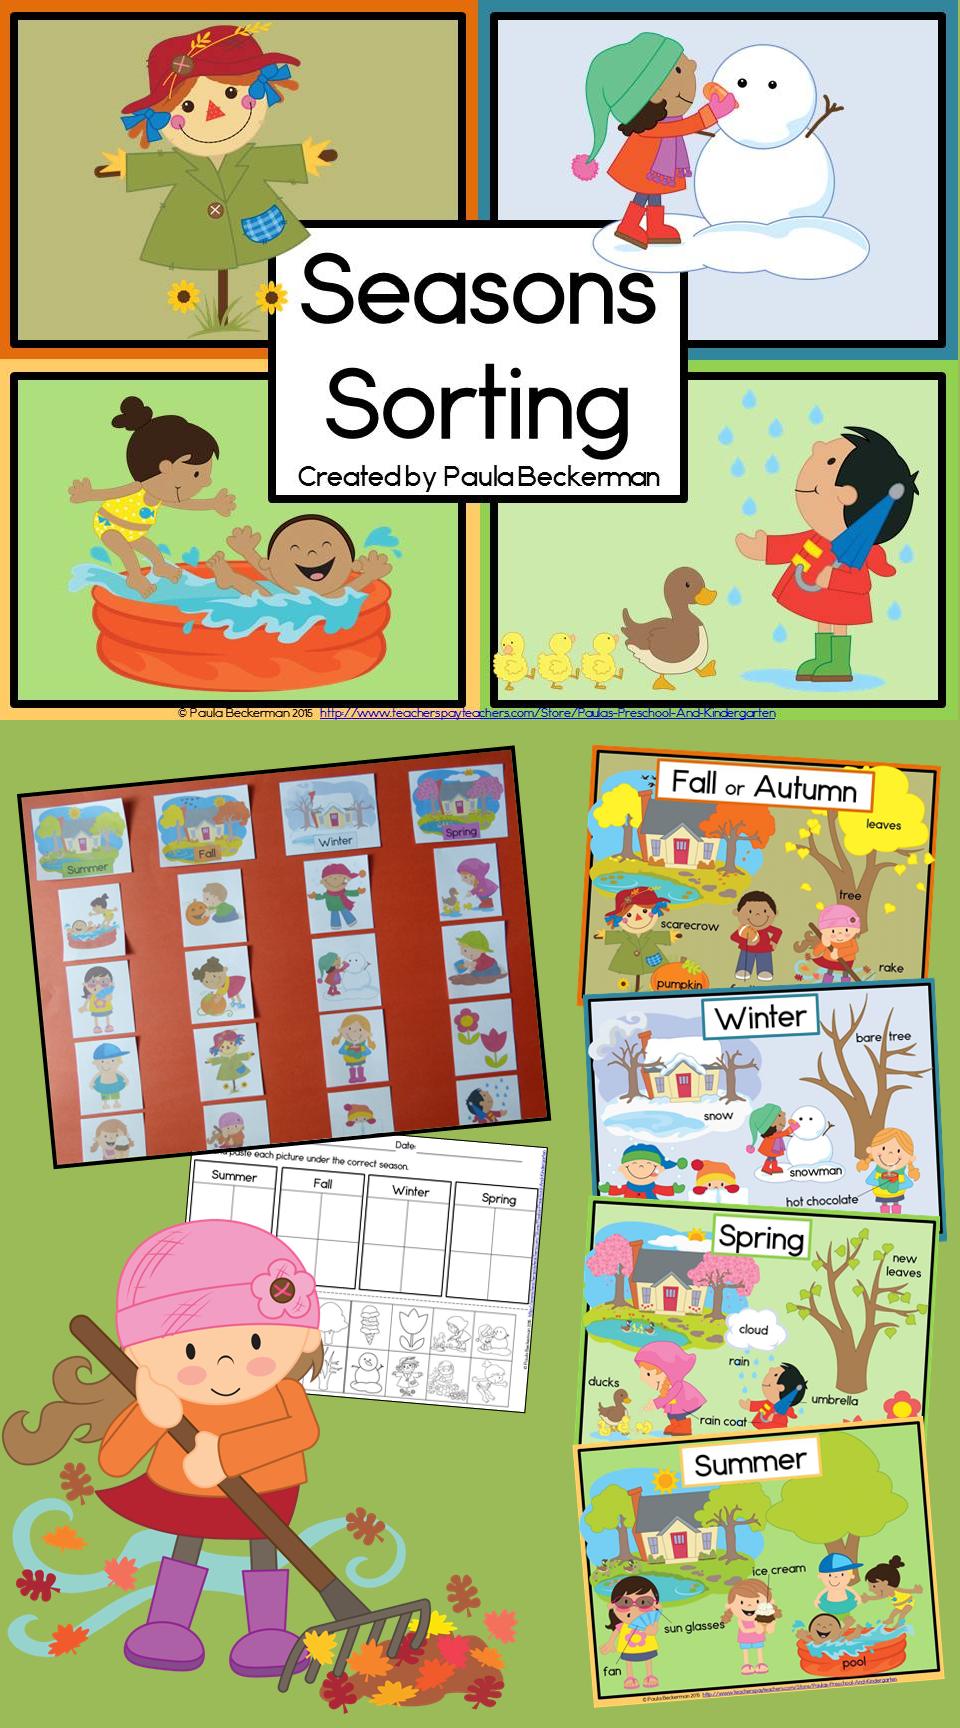 seasons sorting seasons seasons kindergarten seasons lessons seasons activities. Black Bedroom Furniture Sets. Home Design Ideas